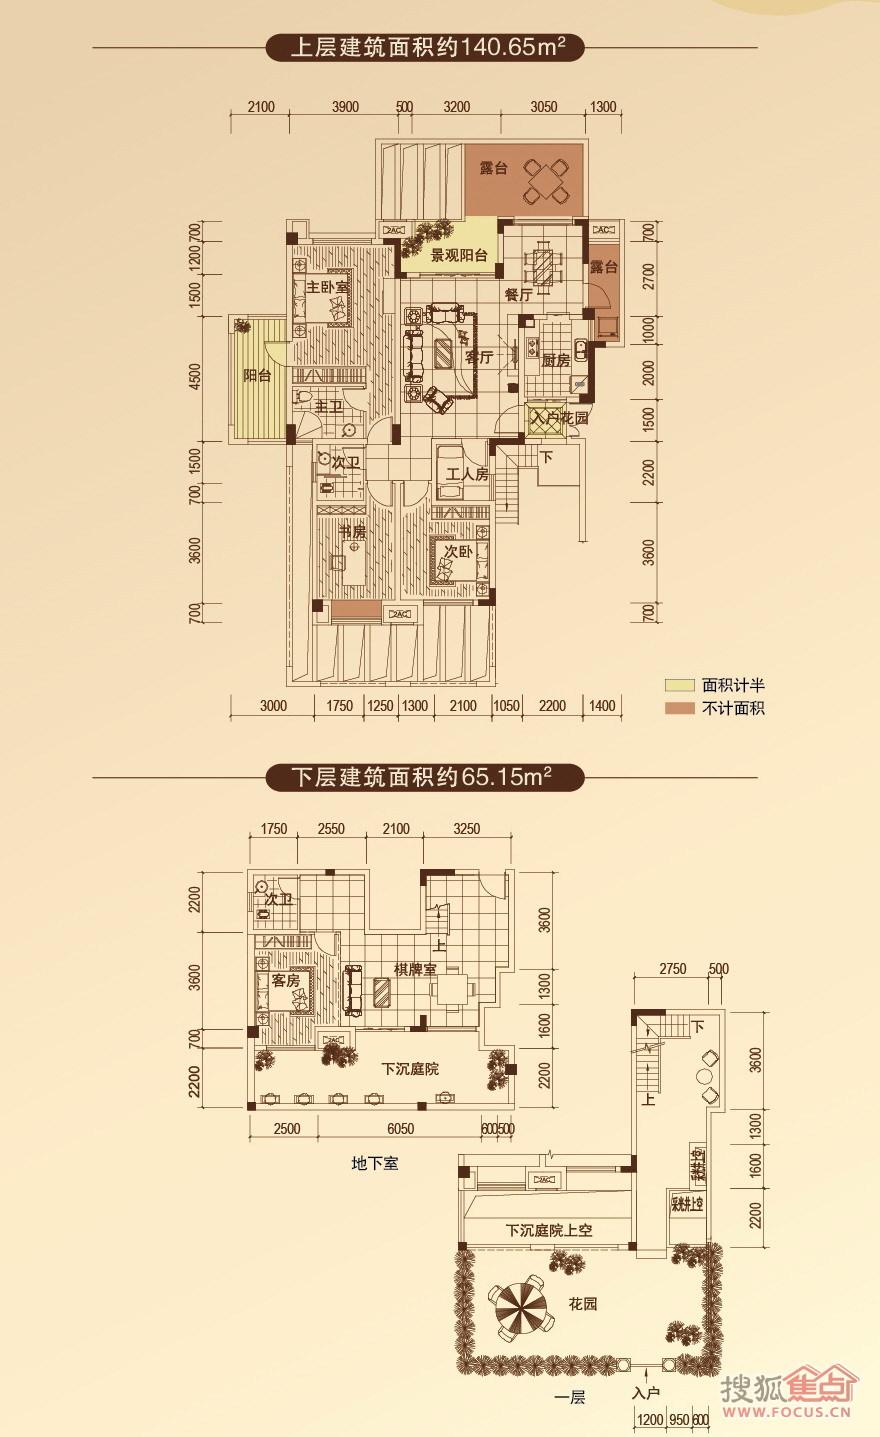 东海假日花园洋房b2_东海假日花园户型图-重庆搜狐